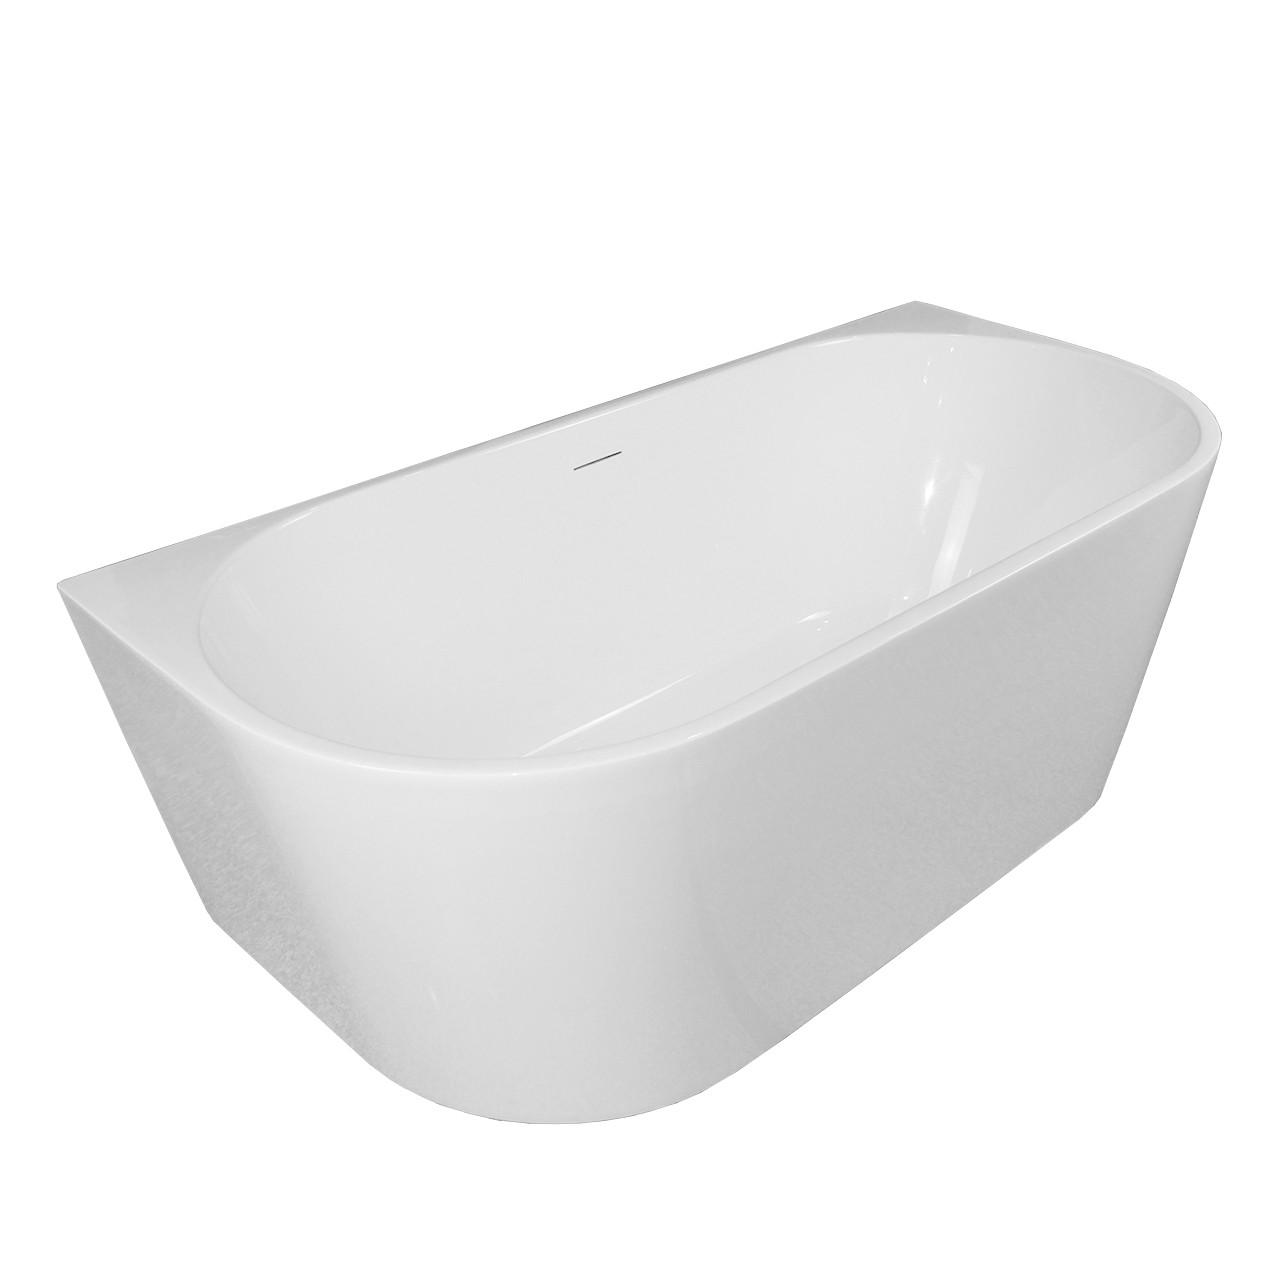 Ванна акриловая свободностоящая VALENCIA 170х80